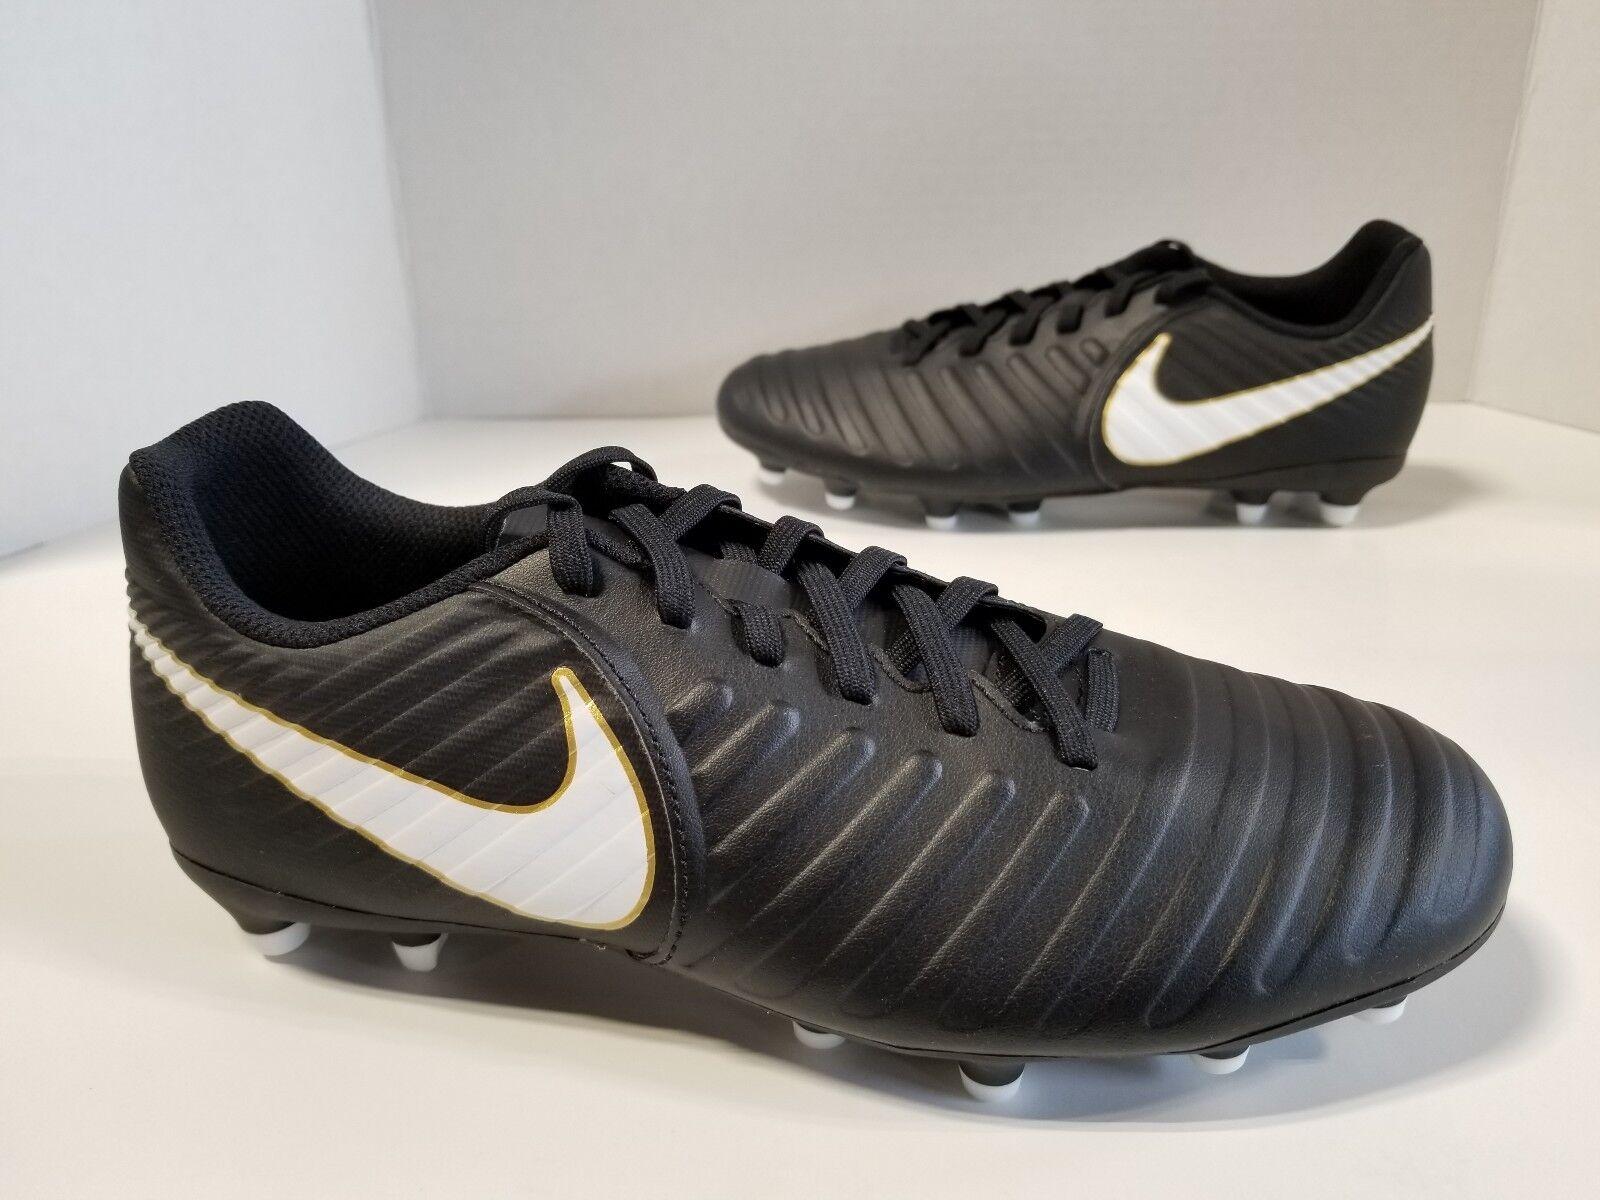 NIB MENS Nike Tiempo RIO IV FG Soccer Cleats Black White Black 897759 002